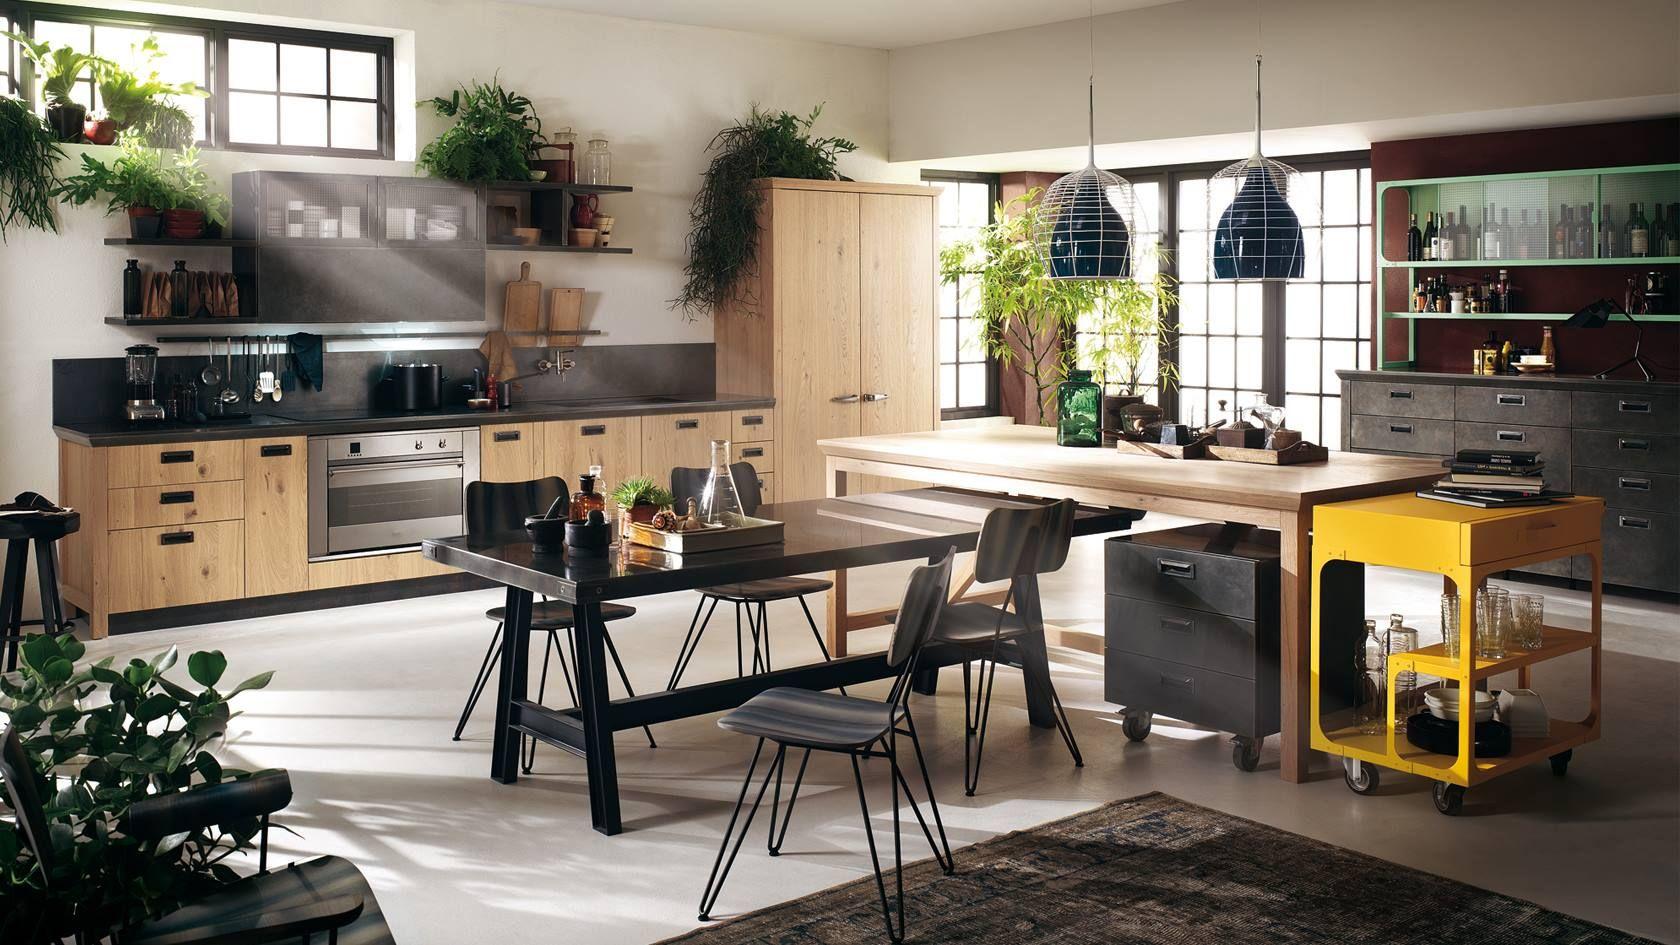 Nuova cucina DIESEL da Mobili Marini. Scopri di più:  http://www.mobilimarini.it/cucine-scavolini.html